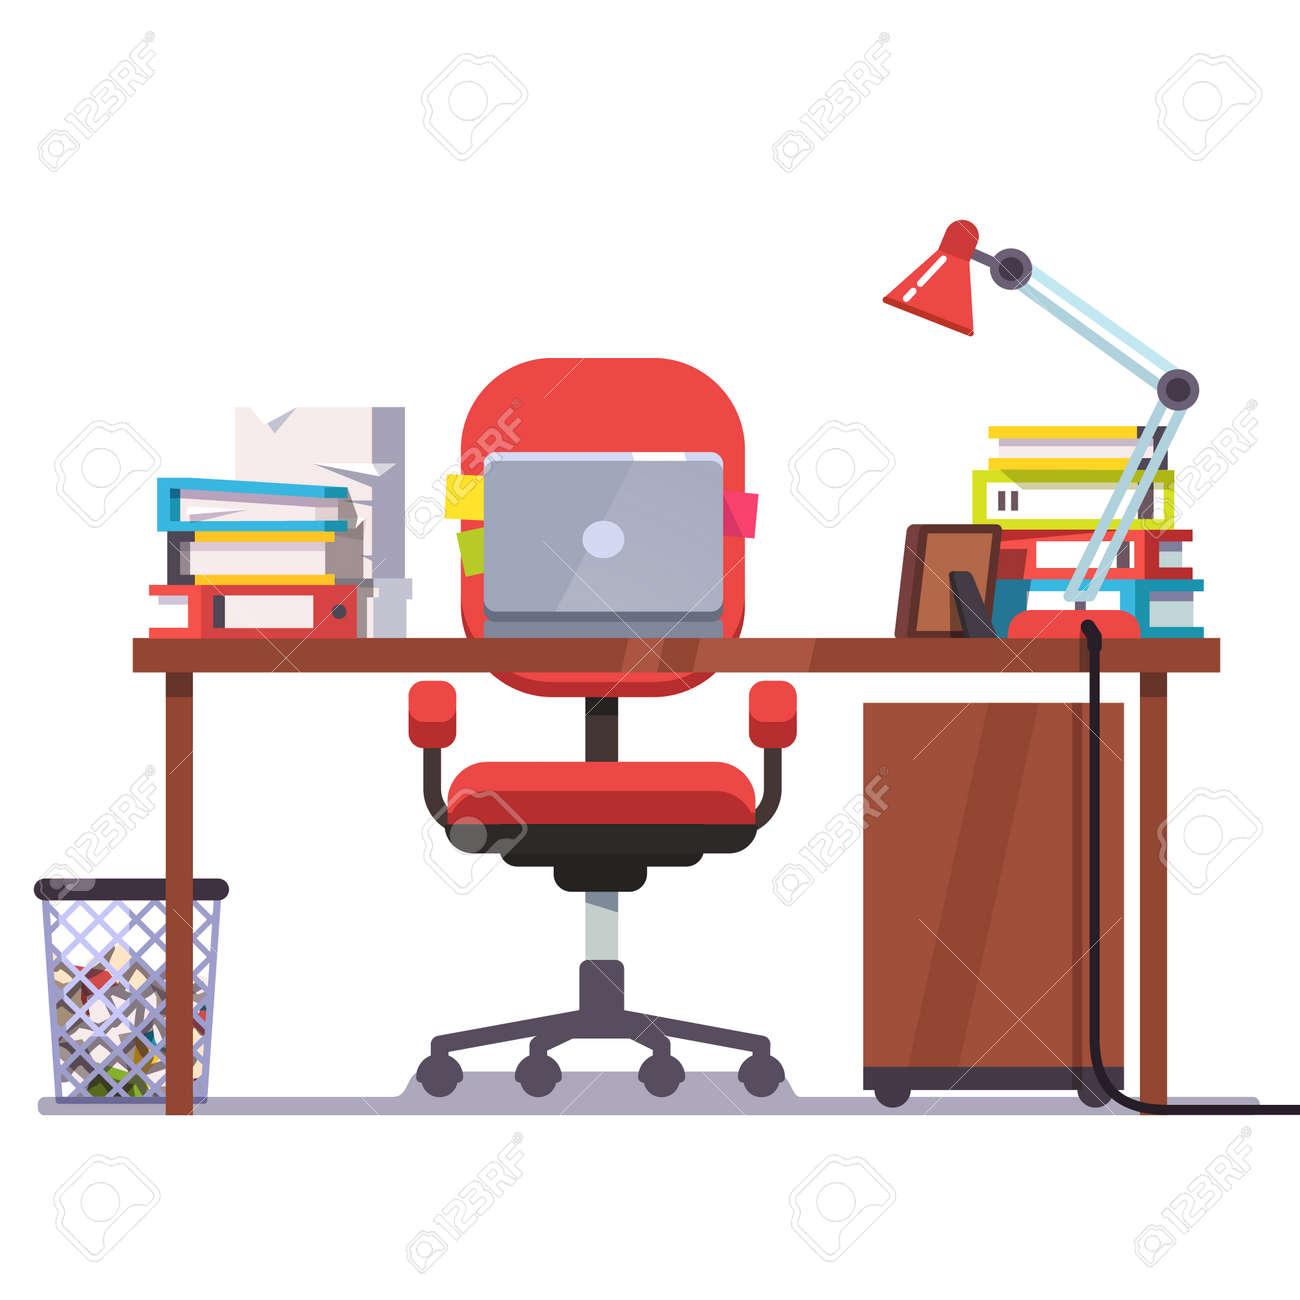 Casa U Oficina Escritorio Con Silla Ruedas, Ordenador Portátil, Algunos  Papeles, Carpetas Y